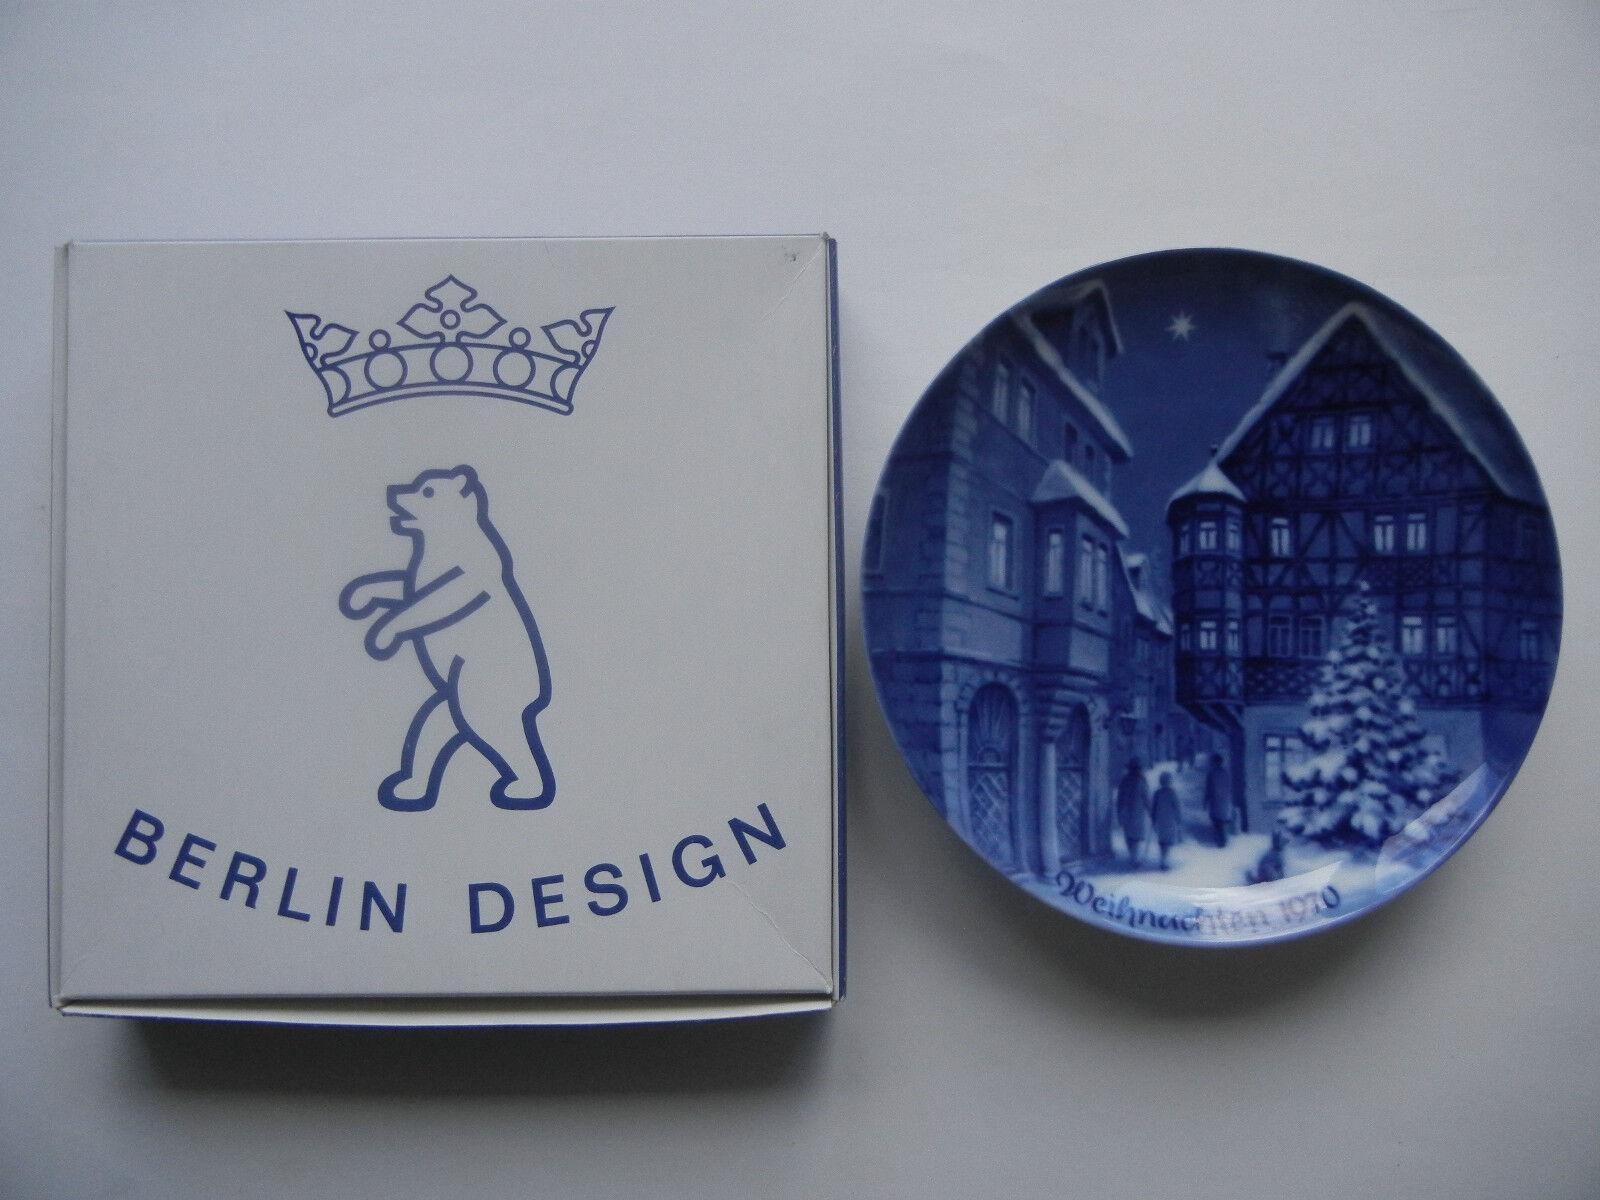 Berlin-Design Weihnachtsteller 1970 Bernkastel - mit OVP (meine Pos. 1970-1) 1970-1) 1970-1) | Spielen Sie Leidenschaft, spielen Sie die Ernte, spielen Sie die Welt  e00fc1